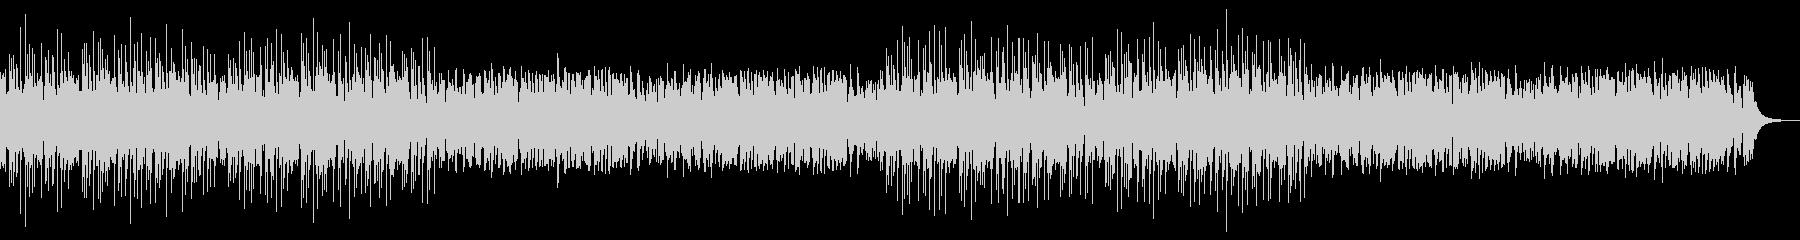 かわいいフューチャーベースエンディングの未再生の波形